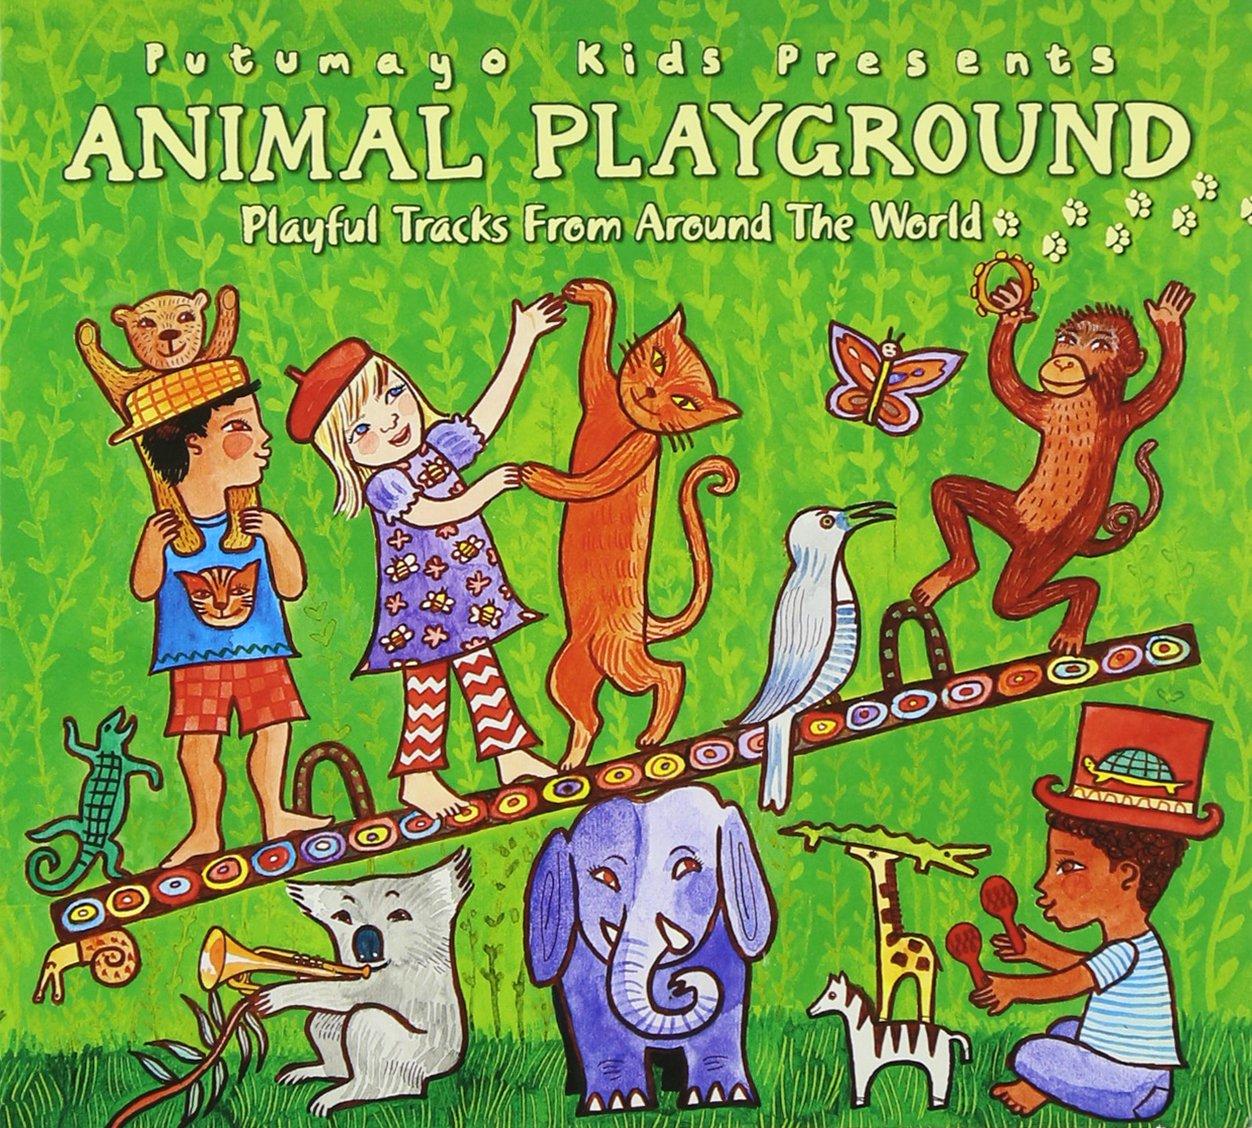 Putumayo Animal Playground